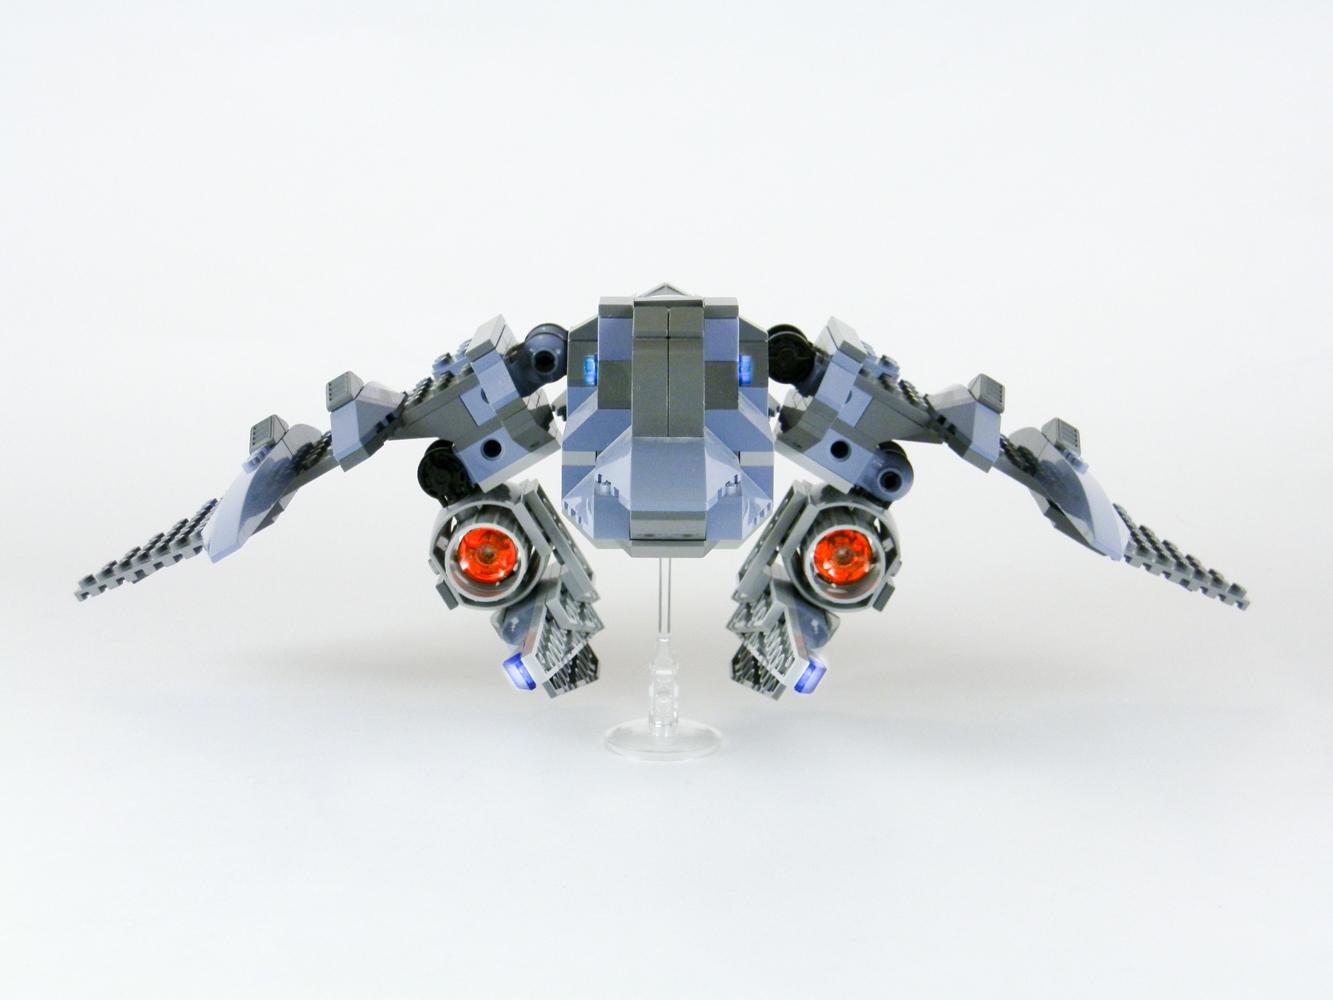 Daniel-Cantu-II-LEGO-Nautilus-20.jpg